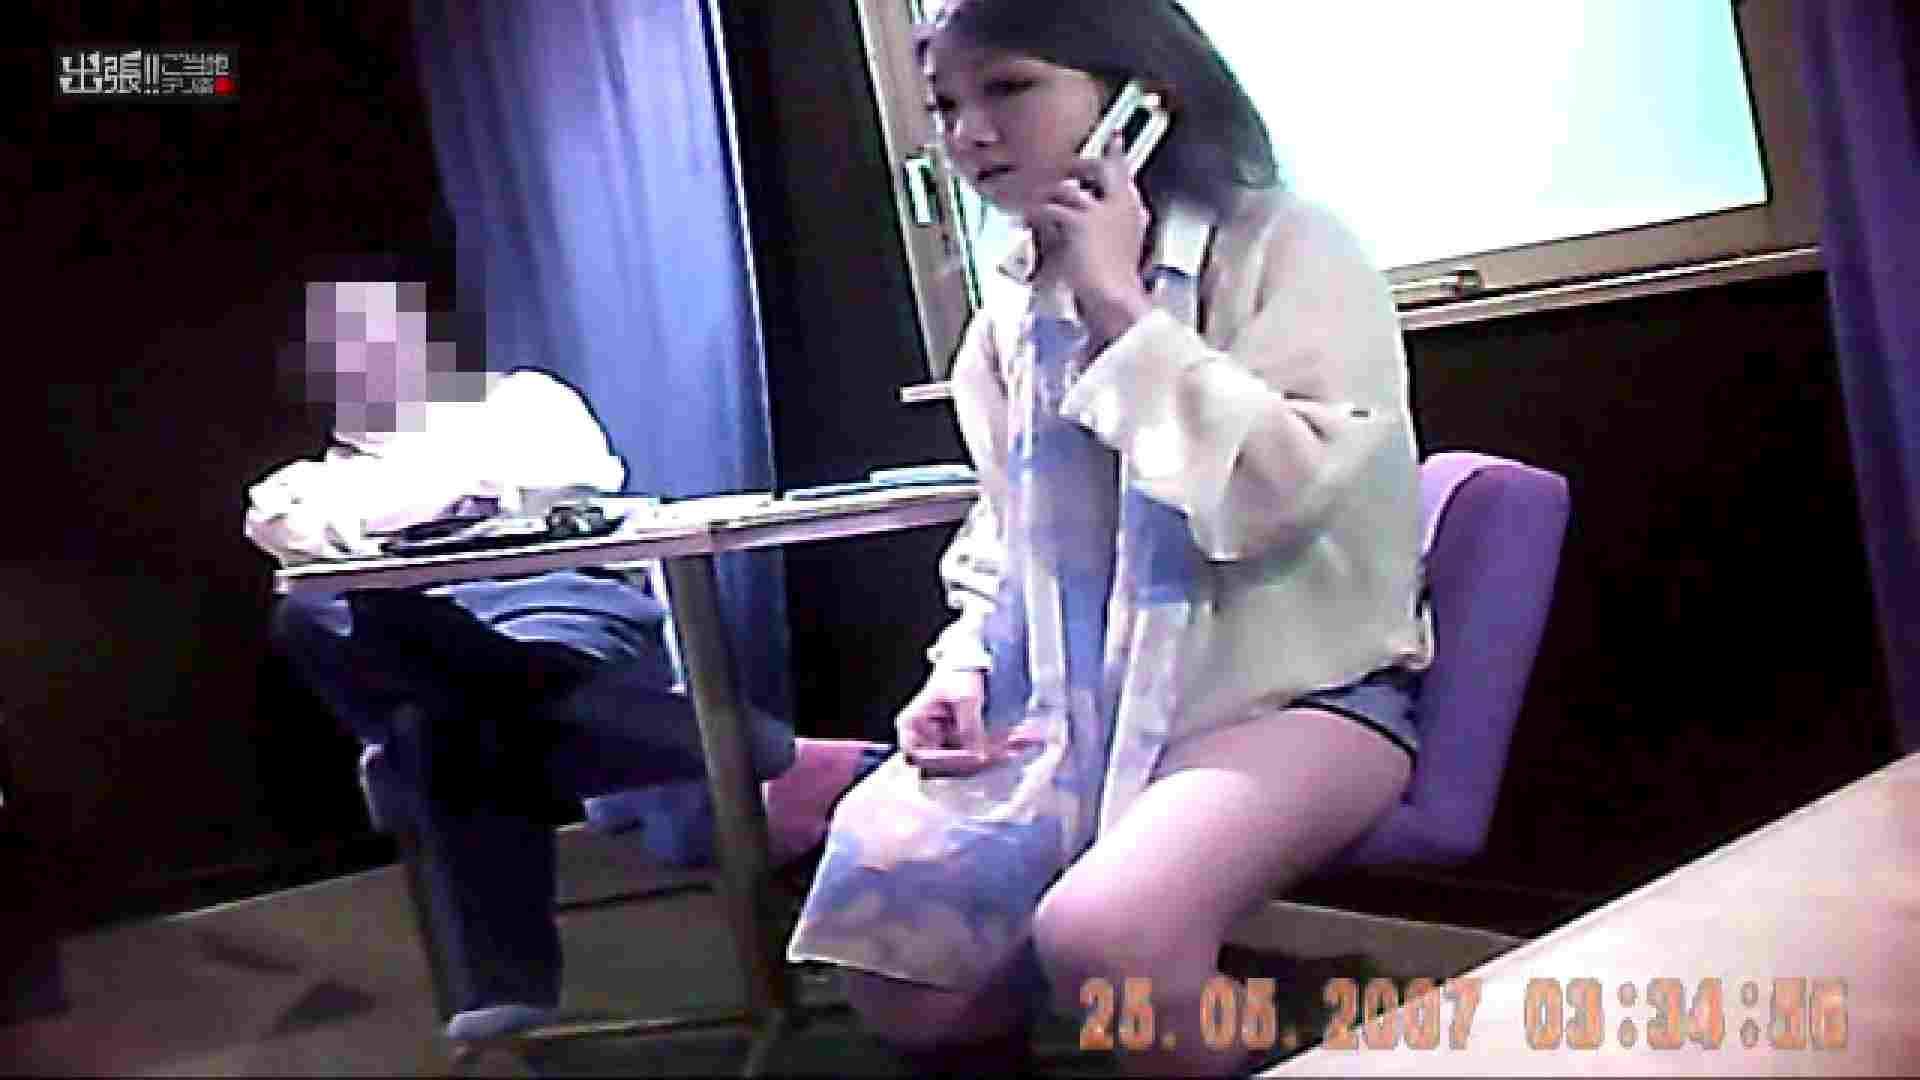 出張リーマンのデリ嬢隠し撮り第3弾vol.5 セックス映像  82pic 7